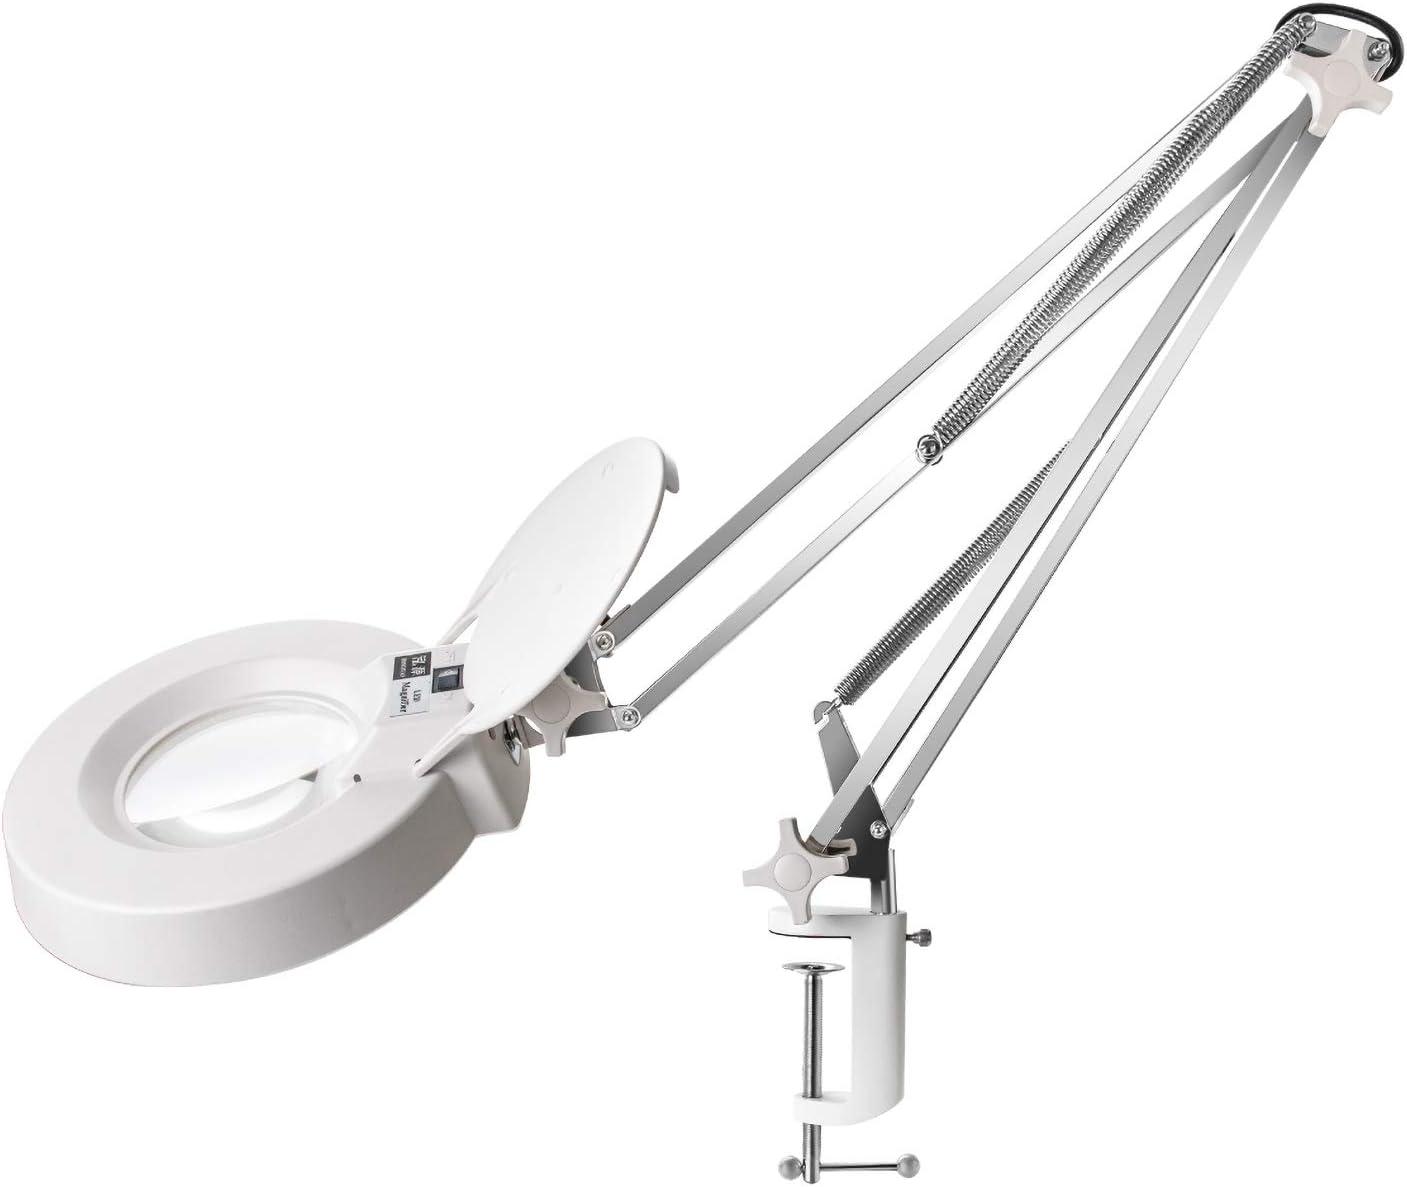 lámpara de aumento con abrazadera, aumento de 10x con 30 piezas de diodos/brazo de acero inoxidable/cubierta antipolvo, giratorio 360 ° ajustable para lectura, manualidades, soldadura y belleza